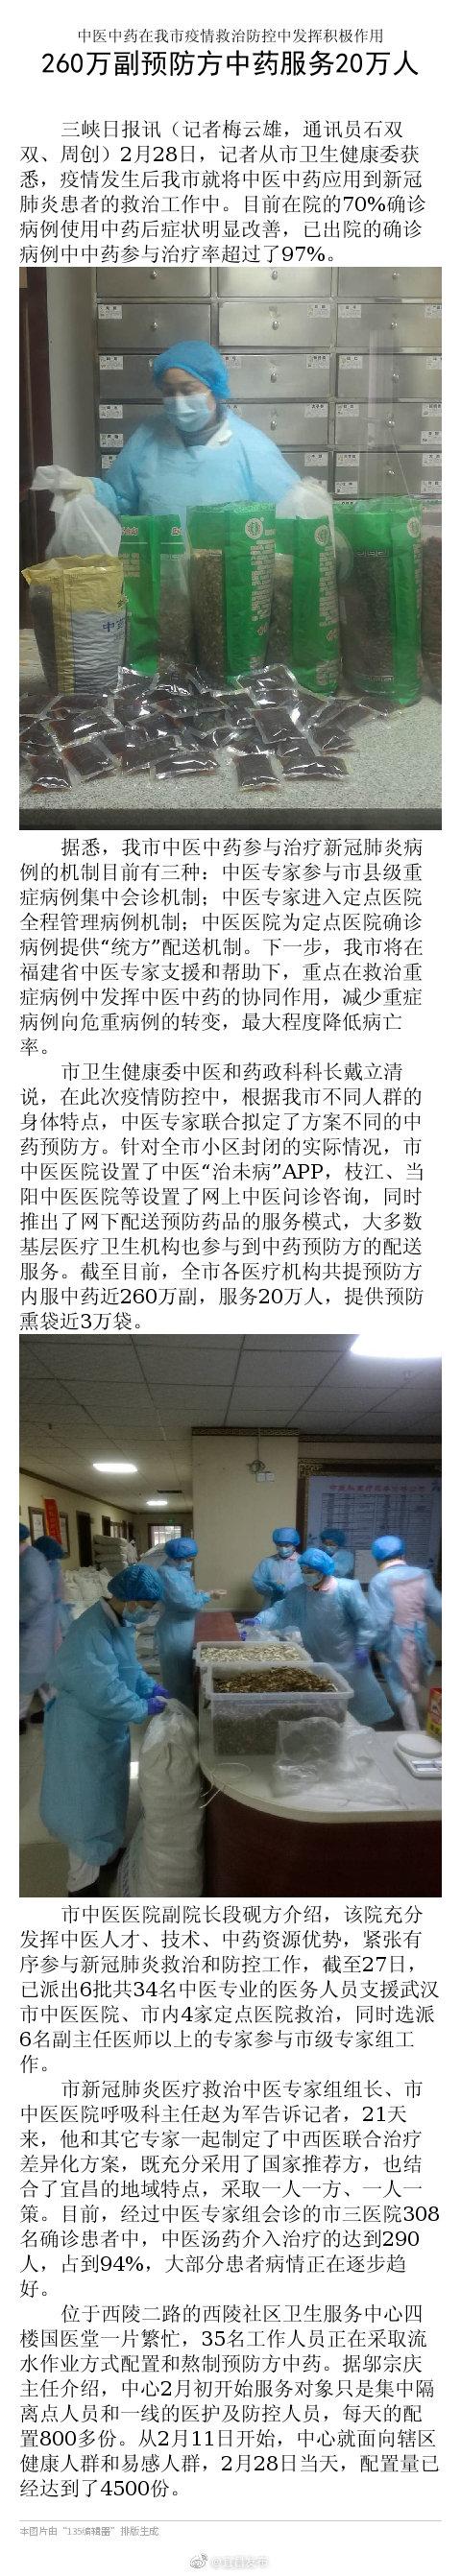 宜昌:260万副预防方中药服务20万人